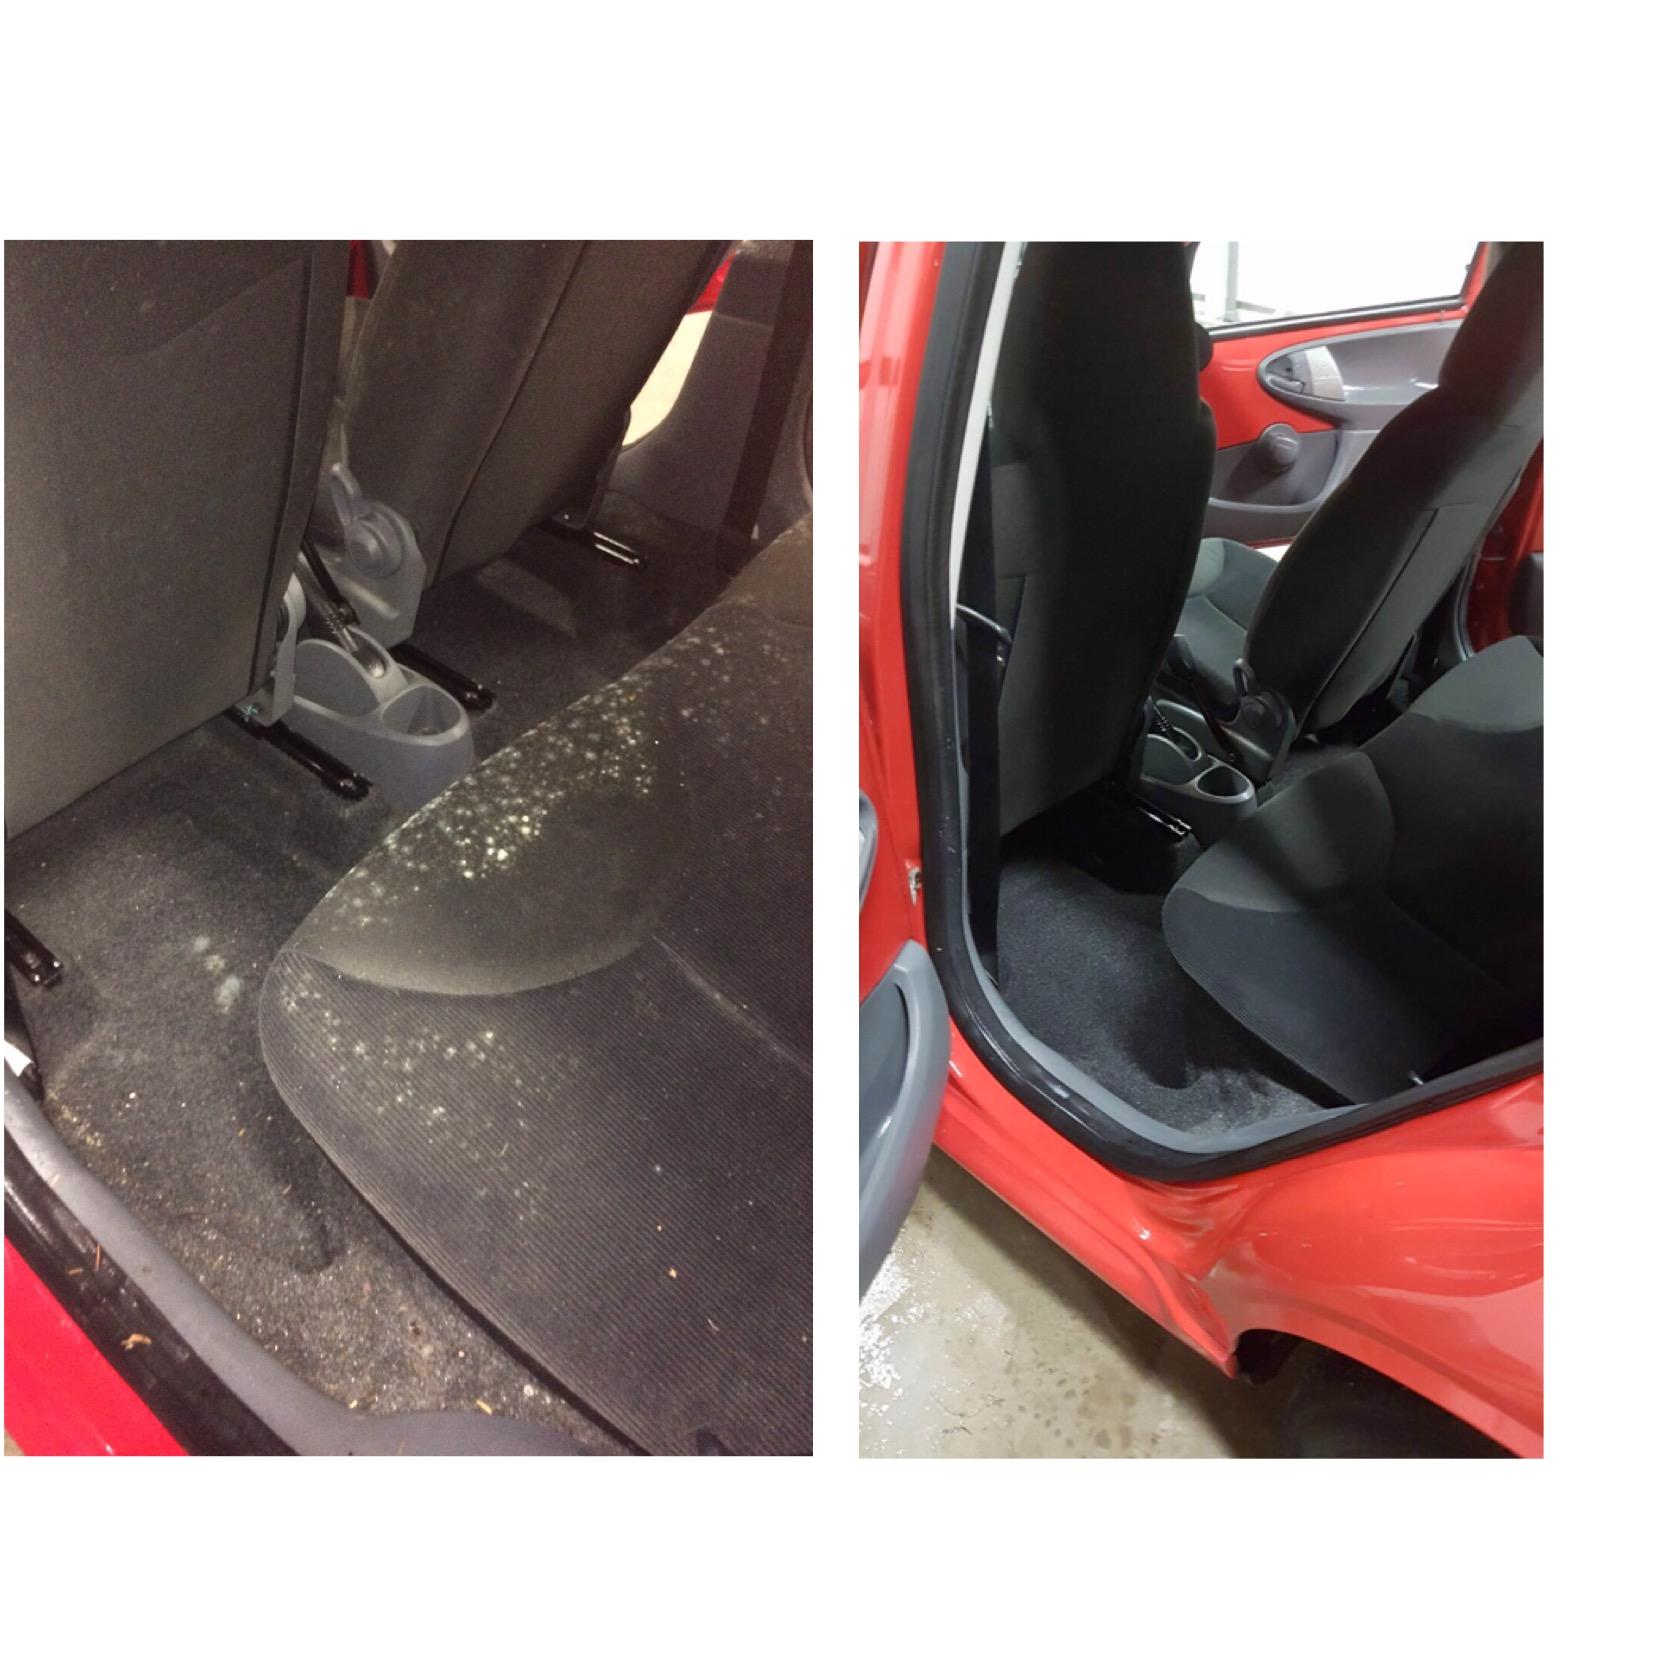 Op de linker foto ziet u het interieur van een auto die te maken heeft gehad met vocht. Na flink poetsen ziet u op de rechter foto het resultaat.